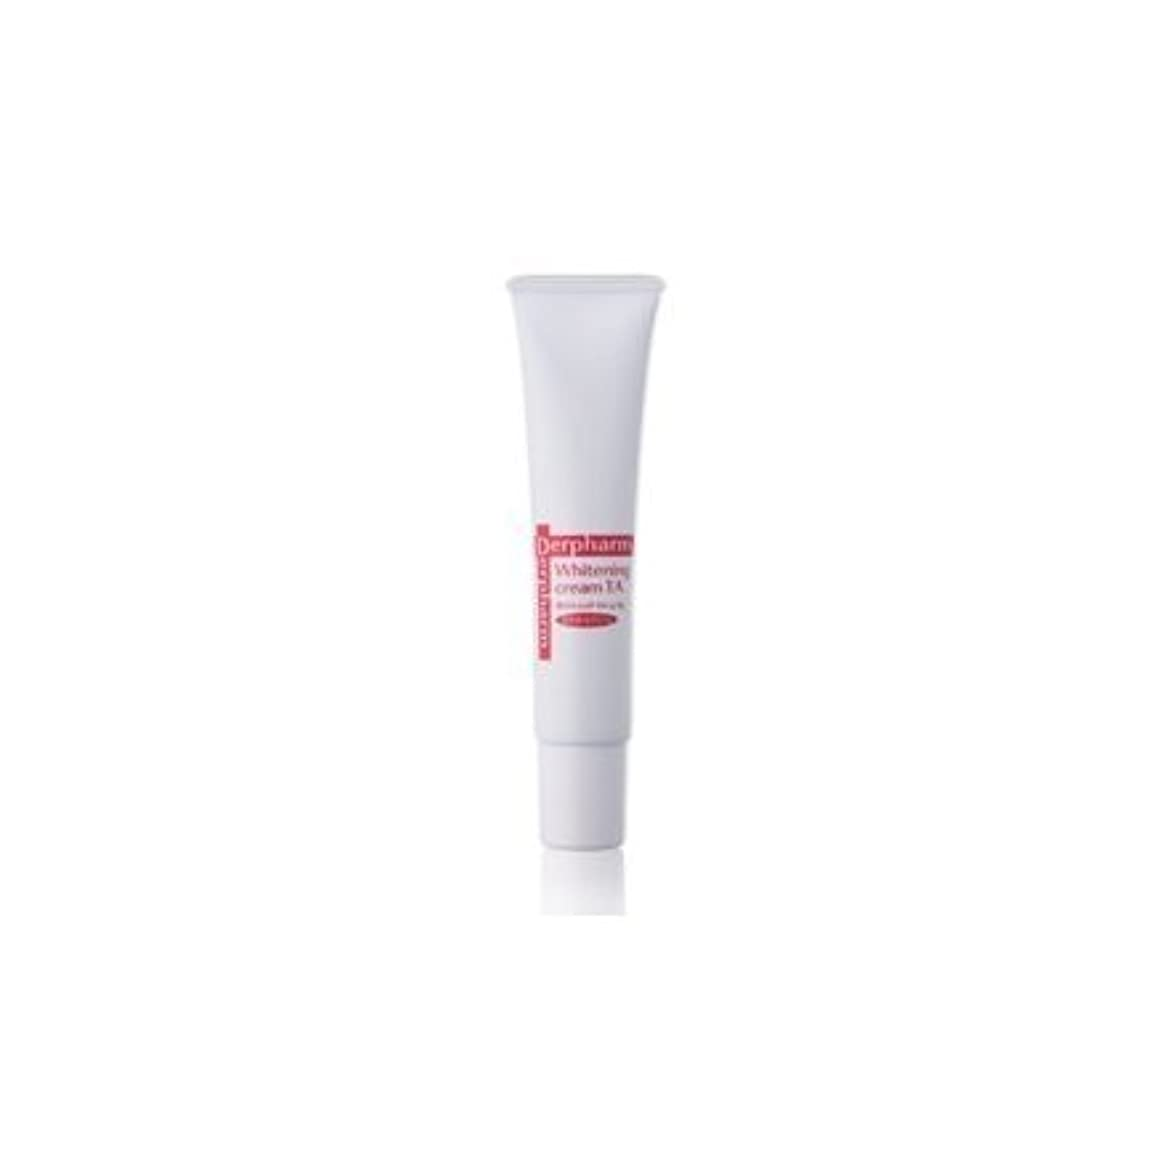 興奮するコンチネンタル慢なデルファーマ ホワイトニング クリーム TA (医薬部外品)